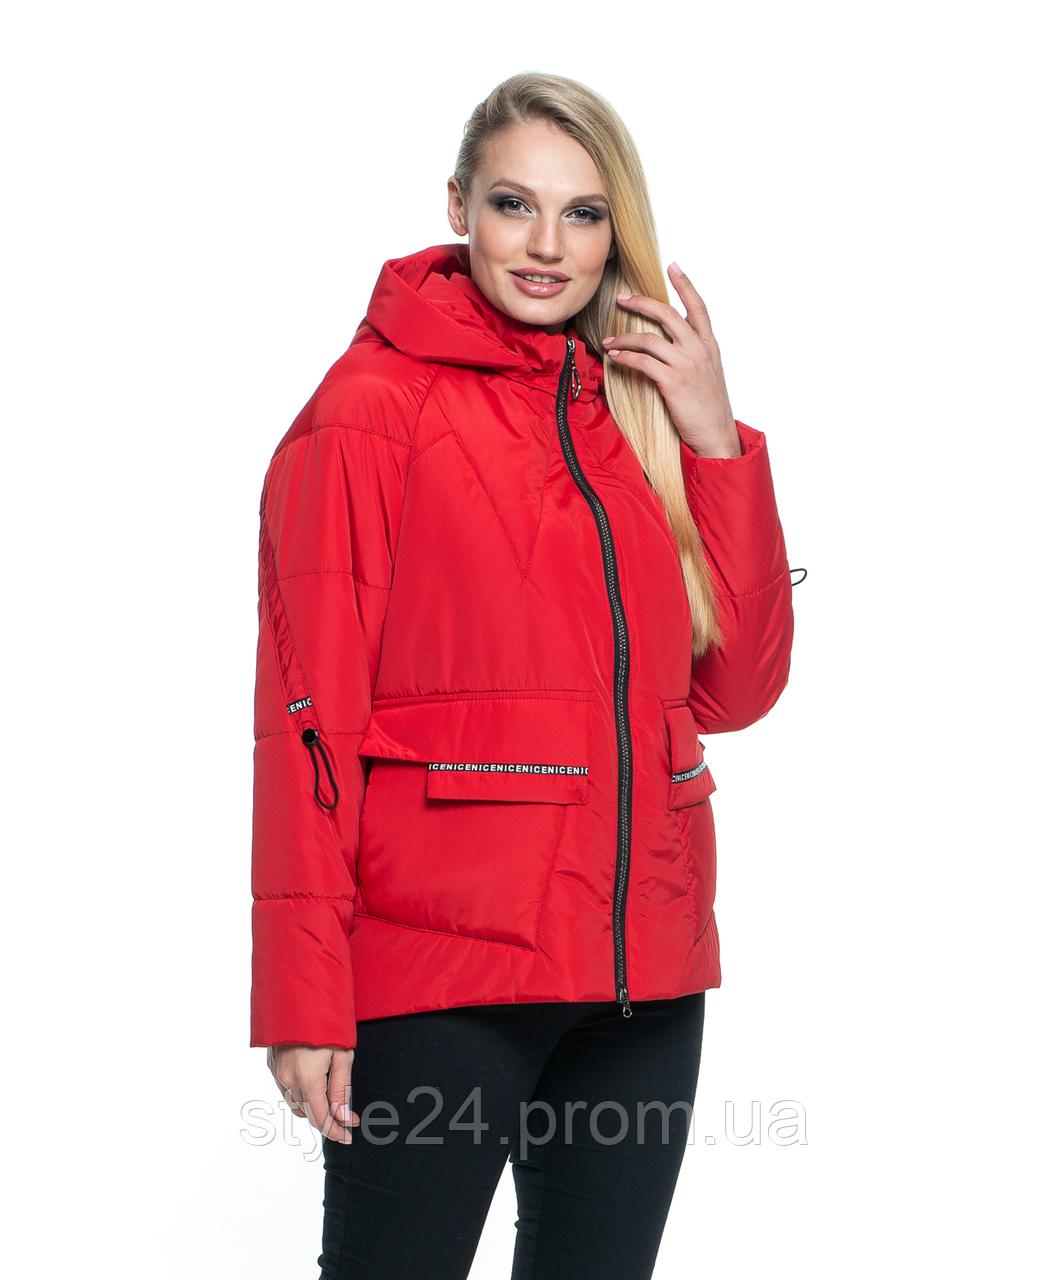 ЖІночий весняна куртка з кишенями.Р-ри 44-56